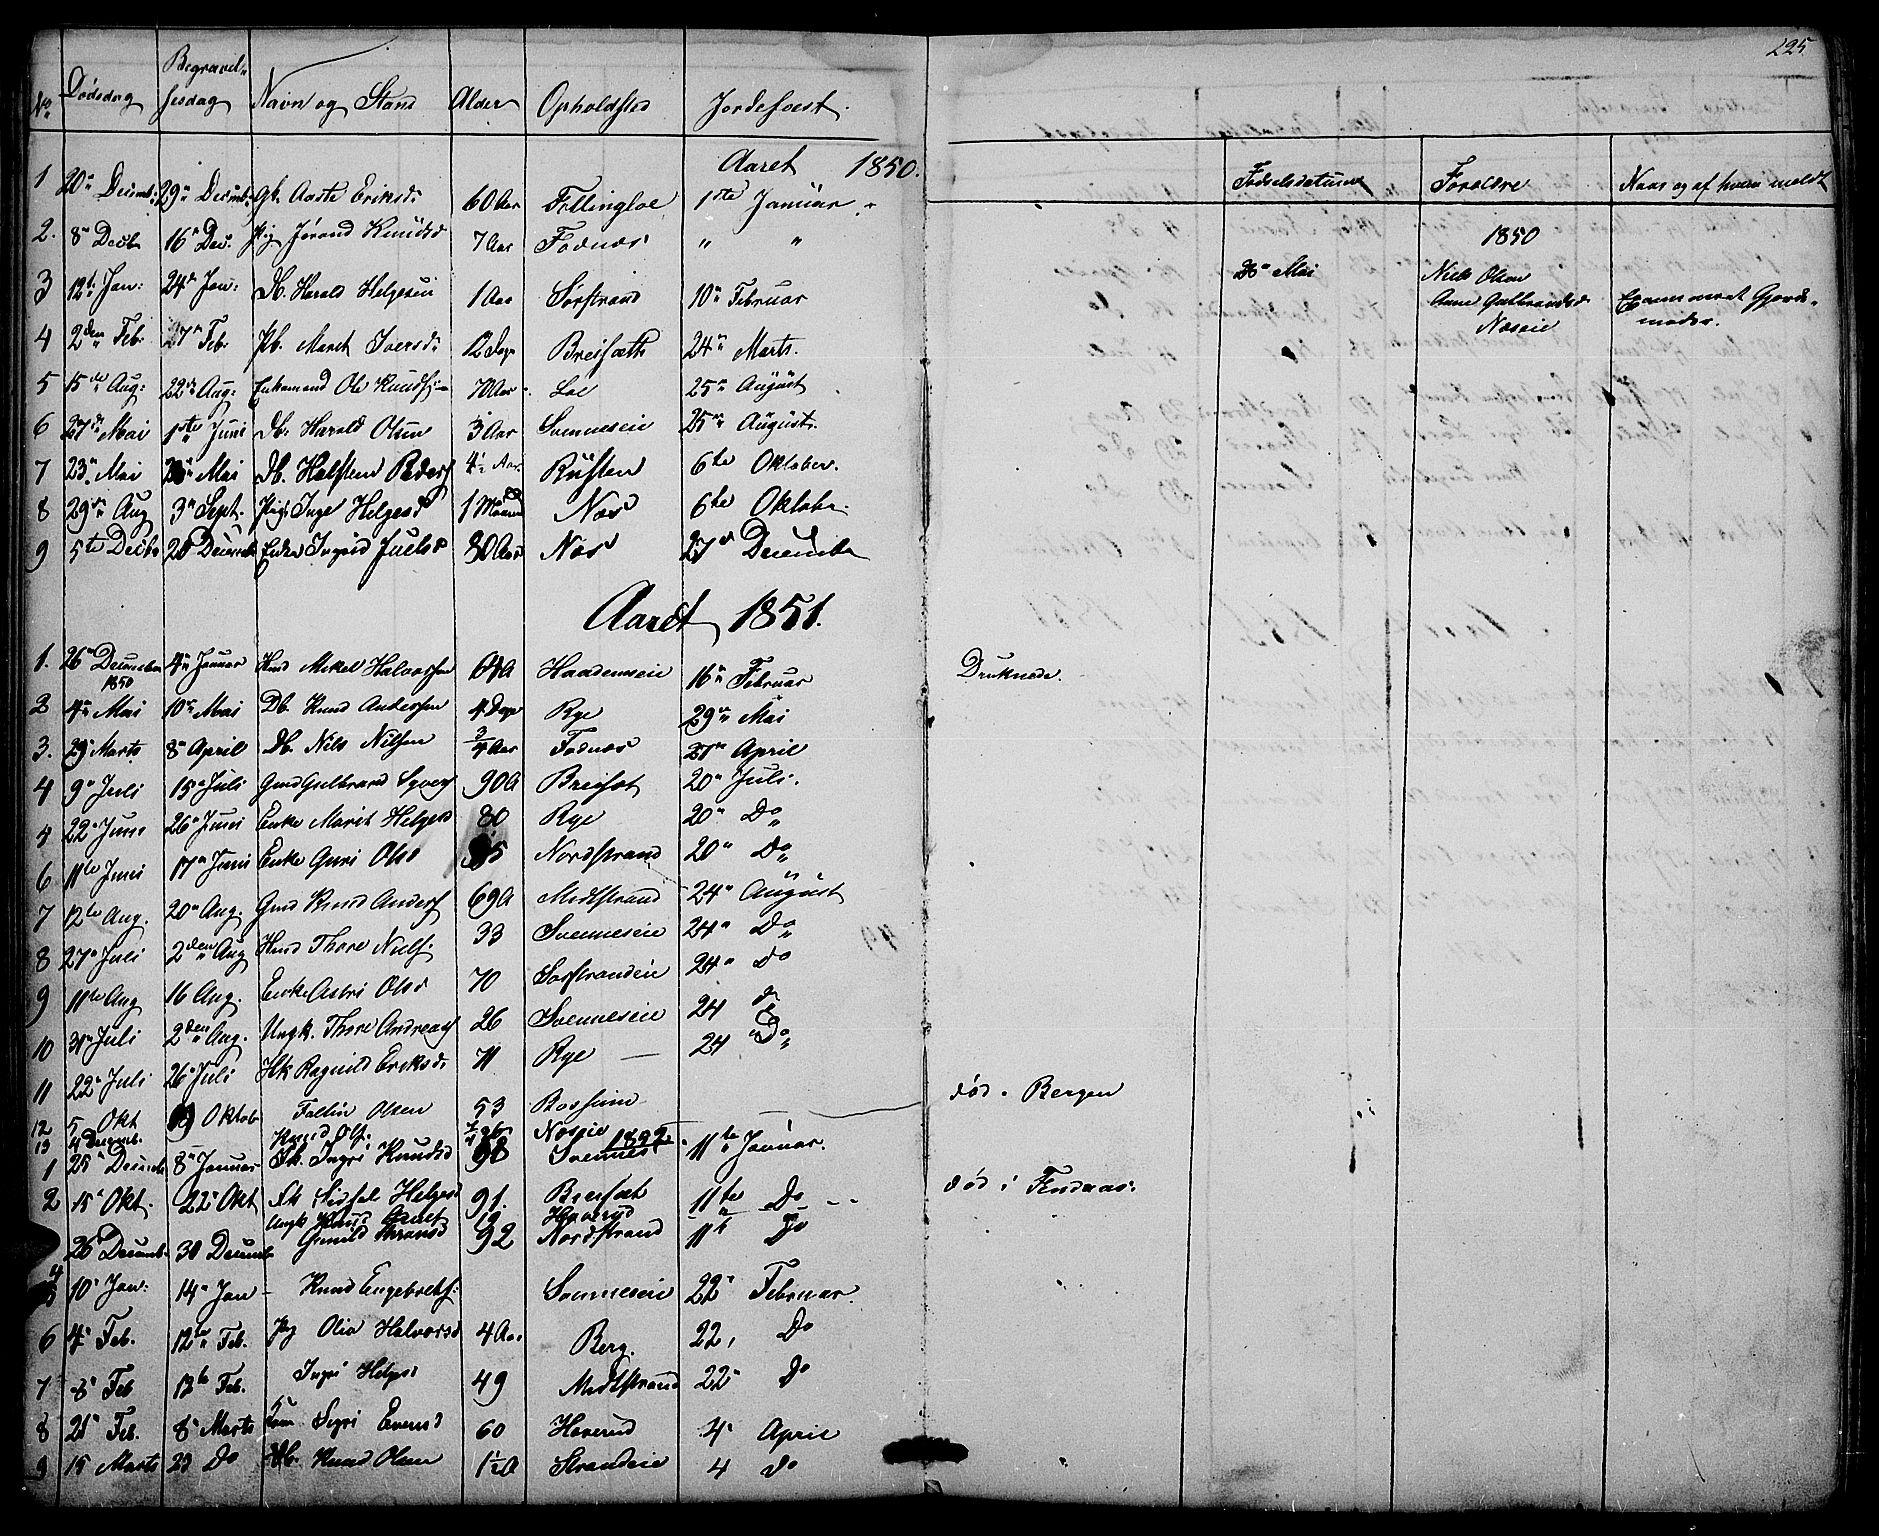 SAH, Nord-Aurdal prestekontor, Klokkerbok nr. 3, 1842-1882, s. 225